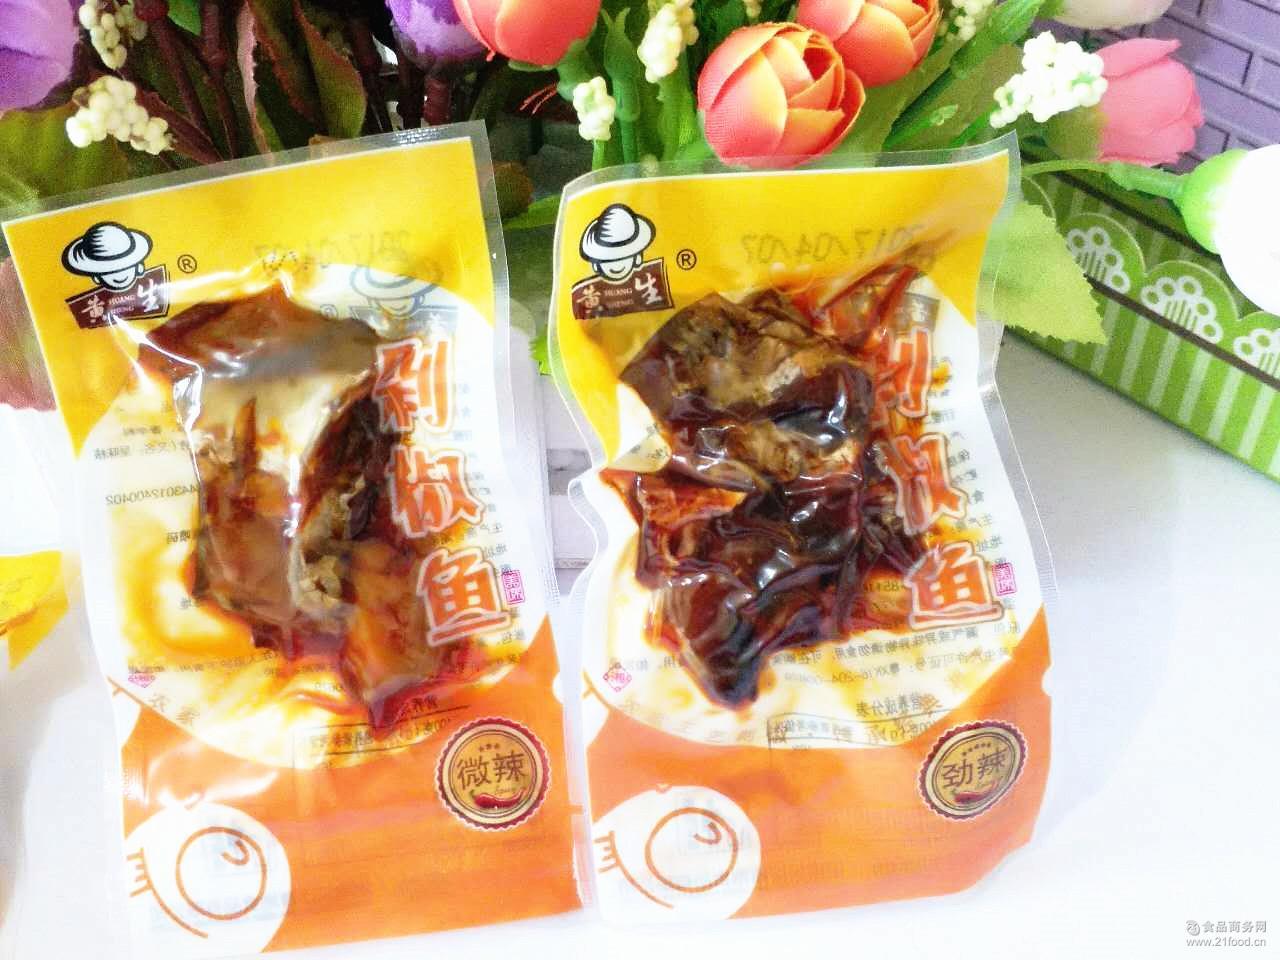 香辣鱼排洞庭乡里剁椒即食鱼类办公*零食 湖南特产黄生剁椒鱼